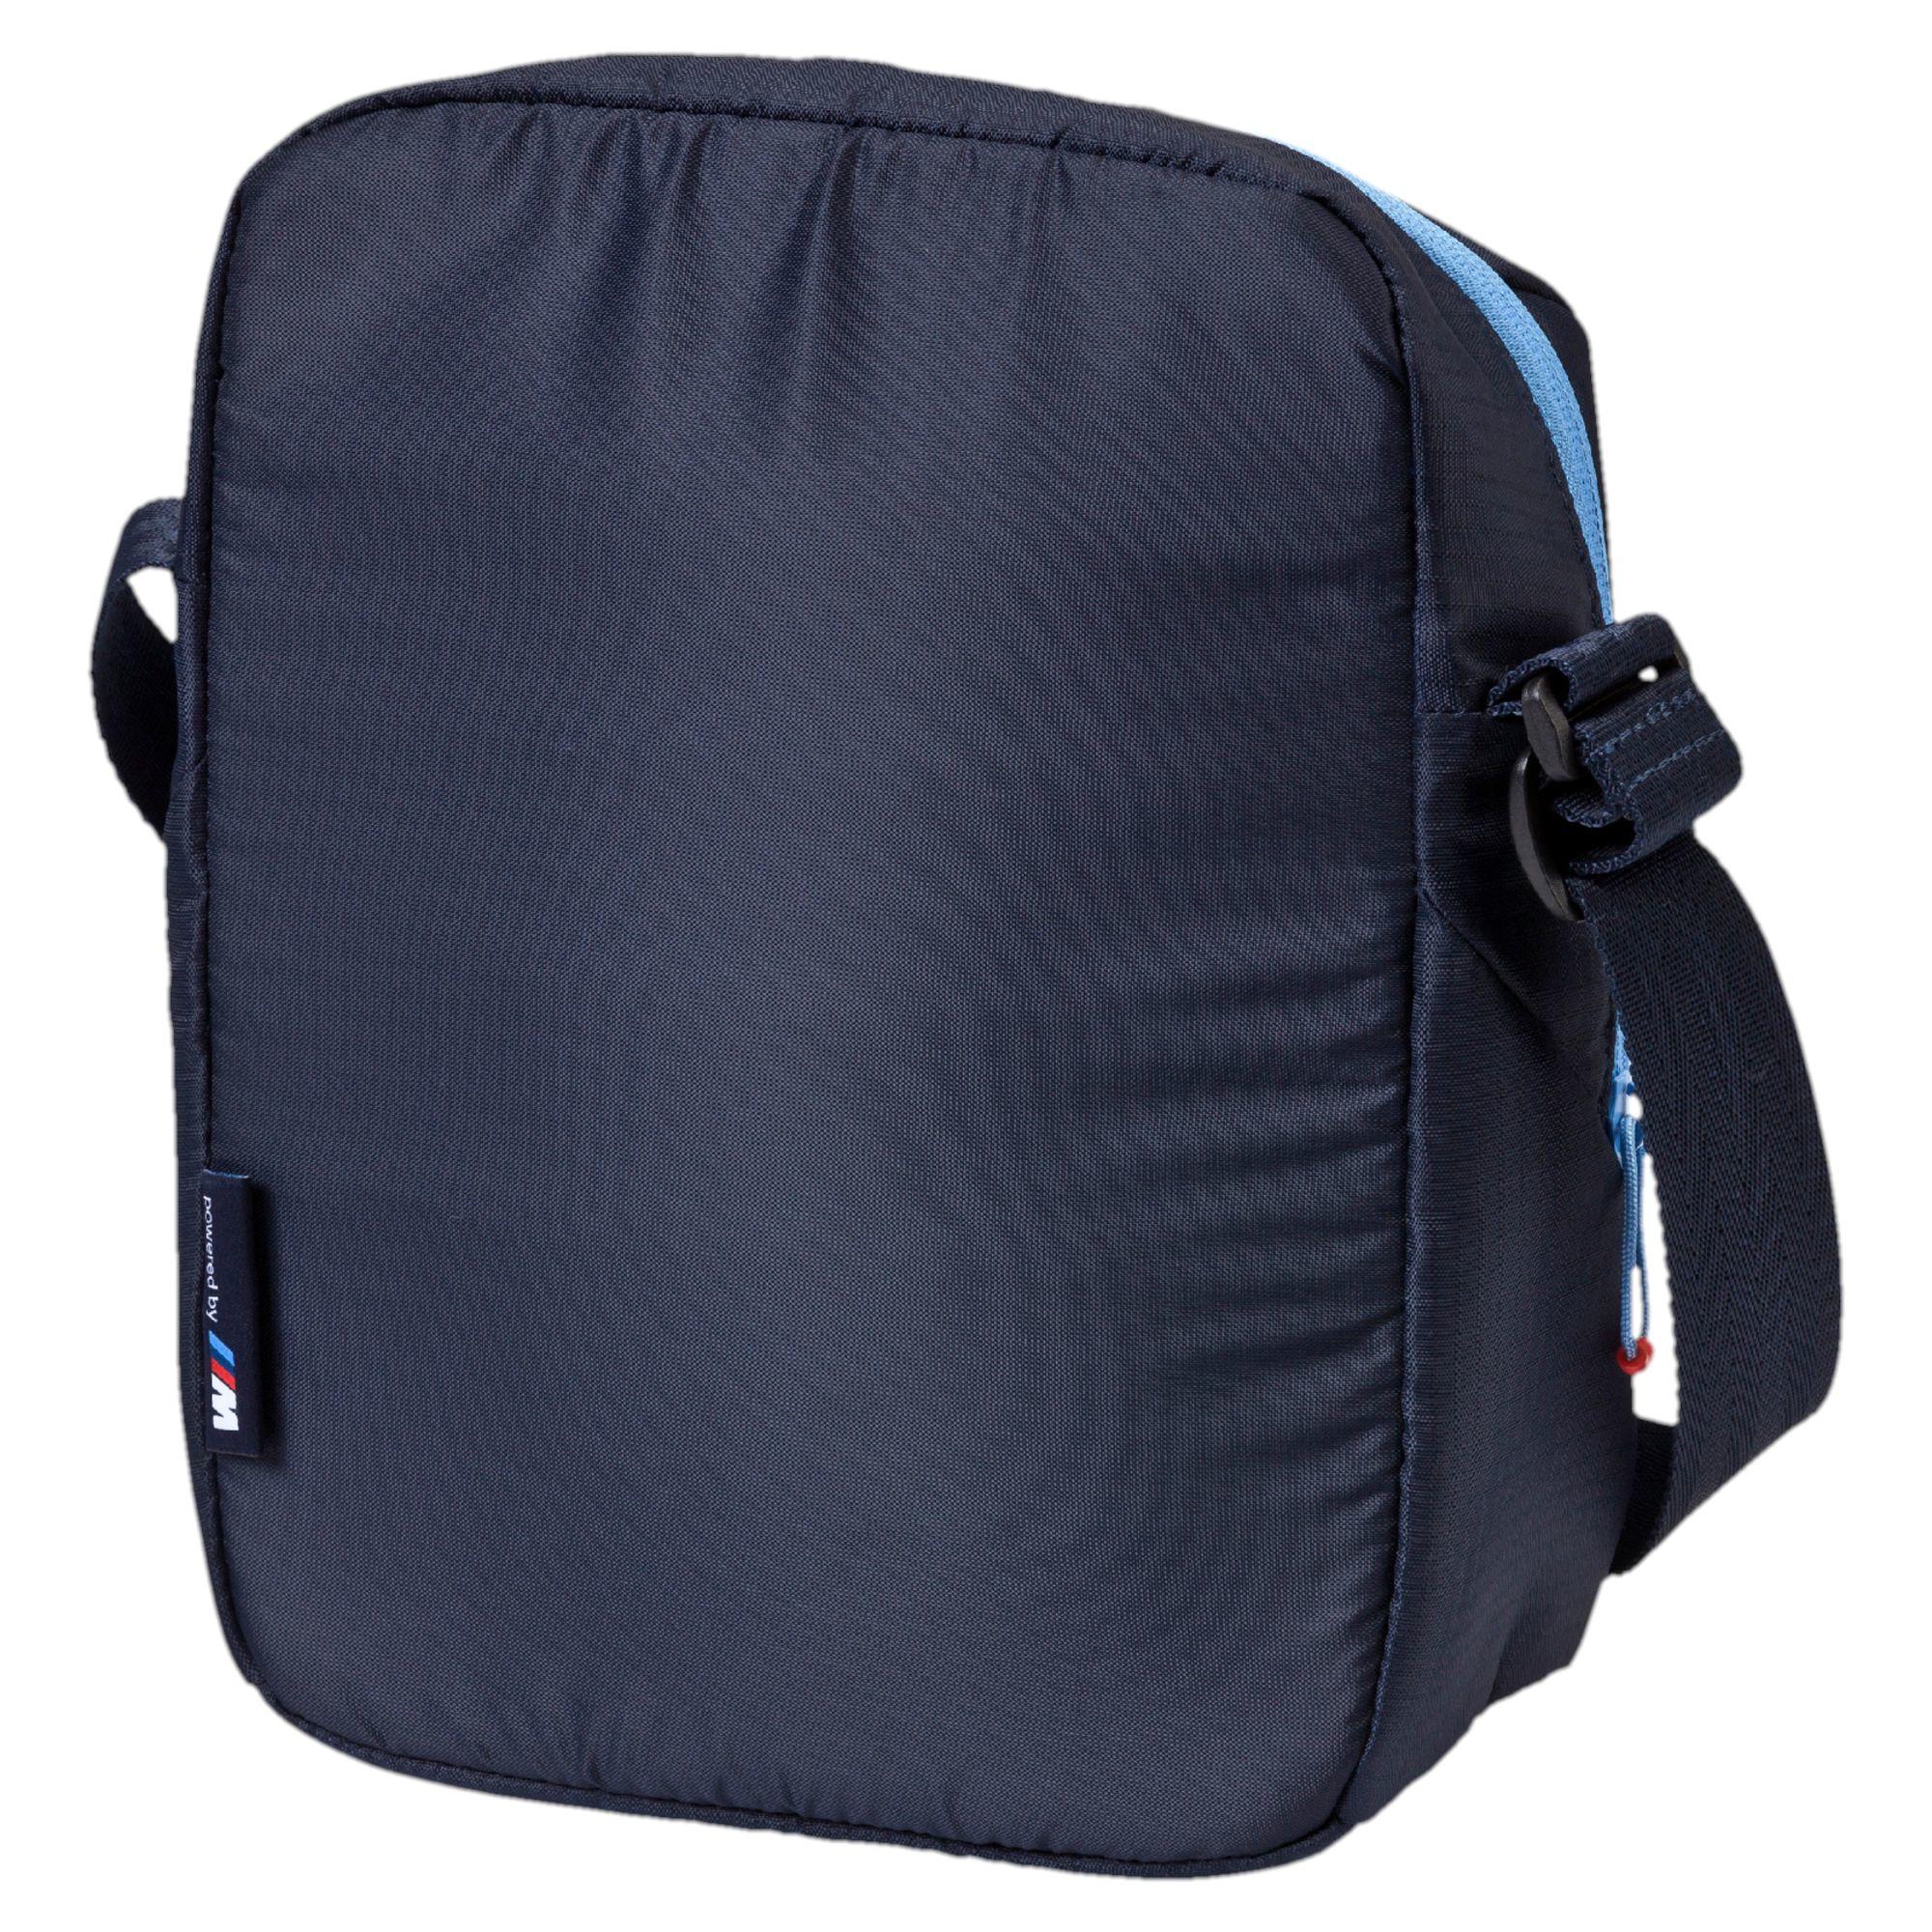 e4584e9064a Lyst - PUMA Bmw Portable Bag in Black for Men